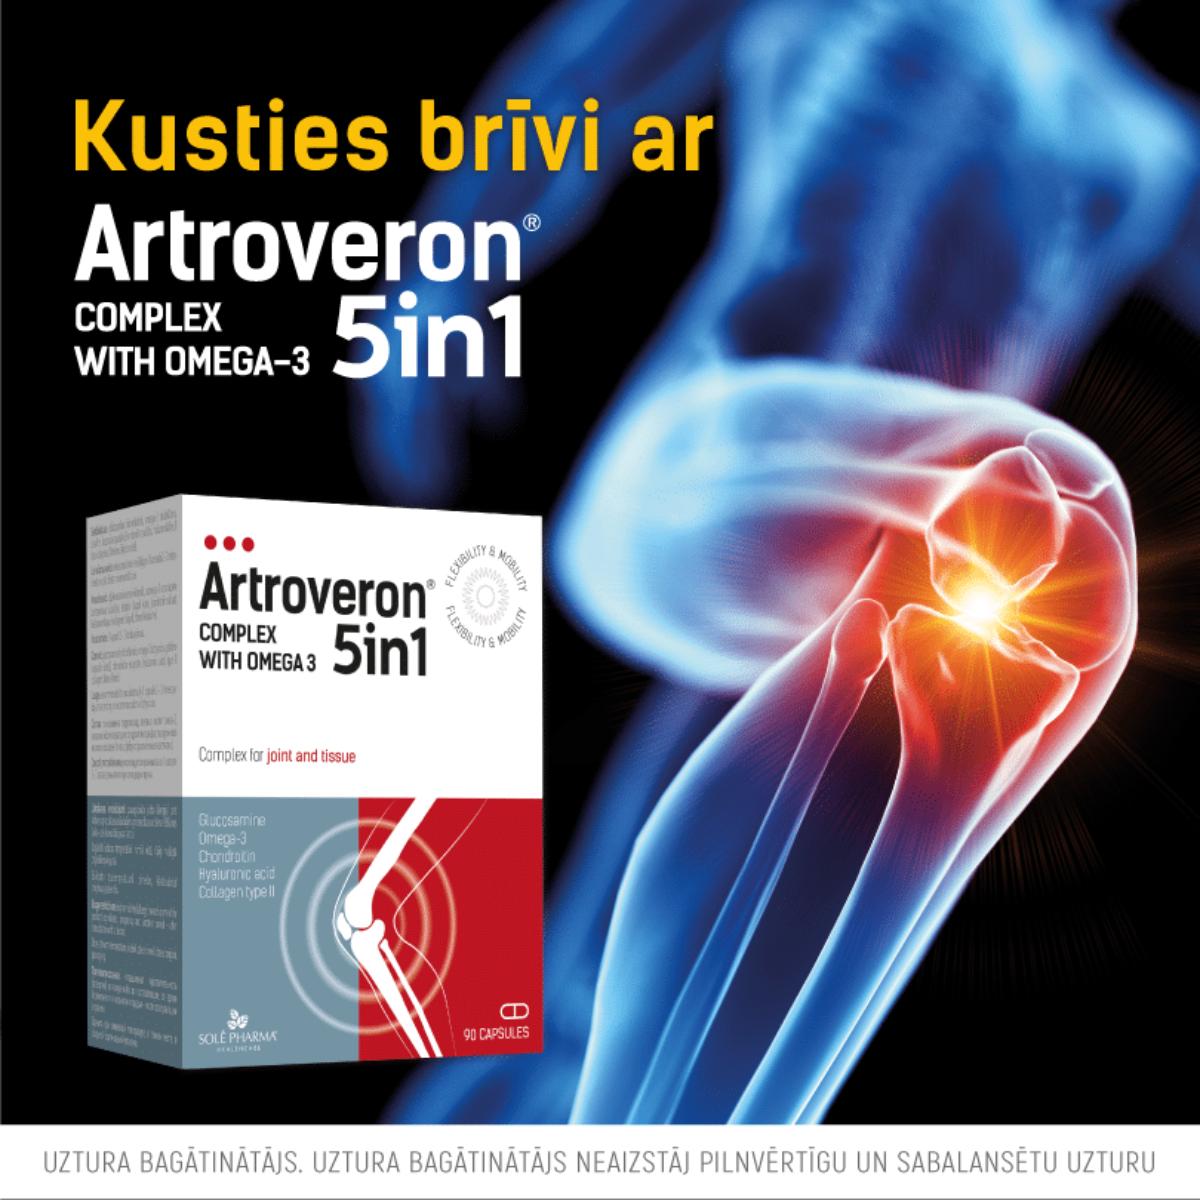 Artroveron 5 in 1 efektīvs locītavu sāpju uzveikšanai